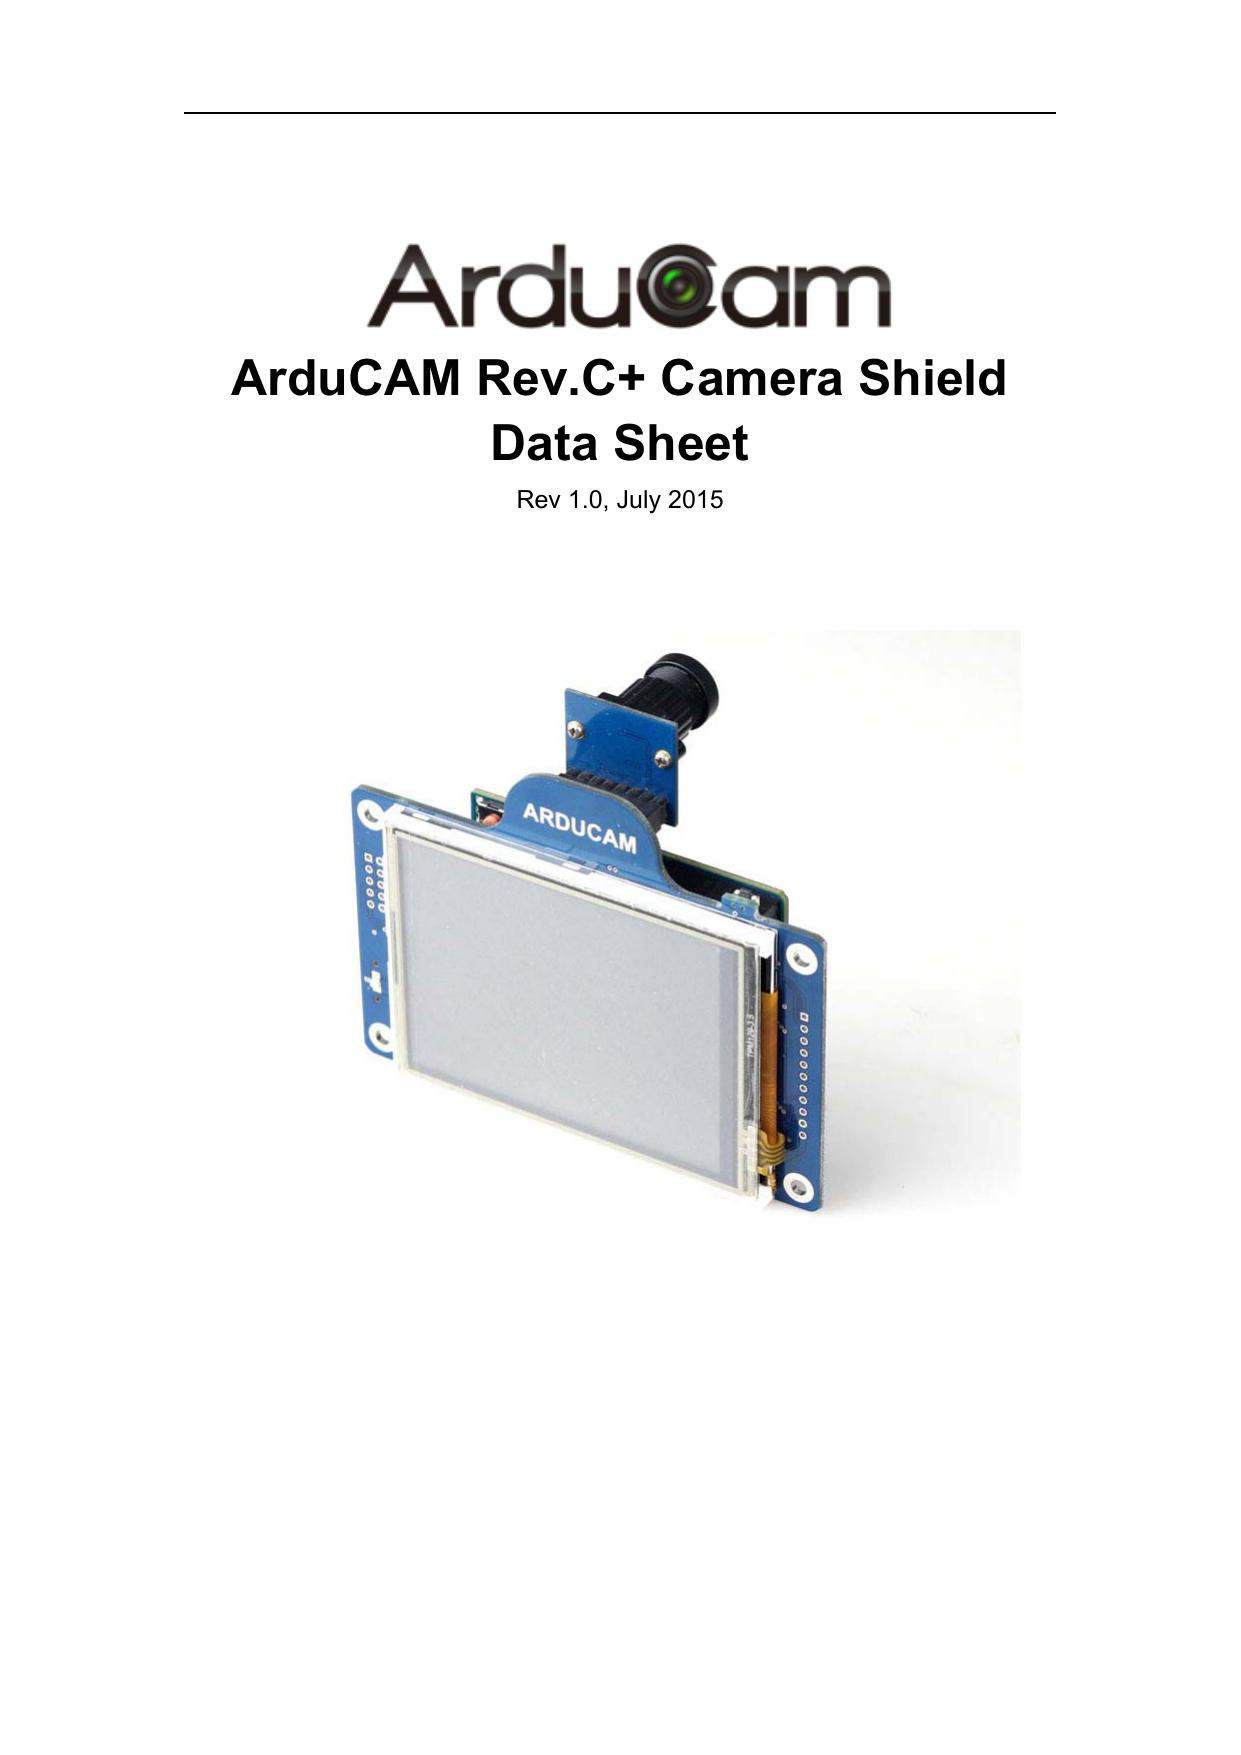 ArduCAM Rev C+ Camera Shield Data Sheet | manualzz com